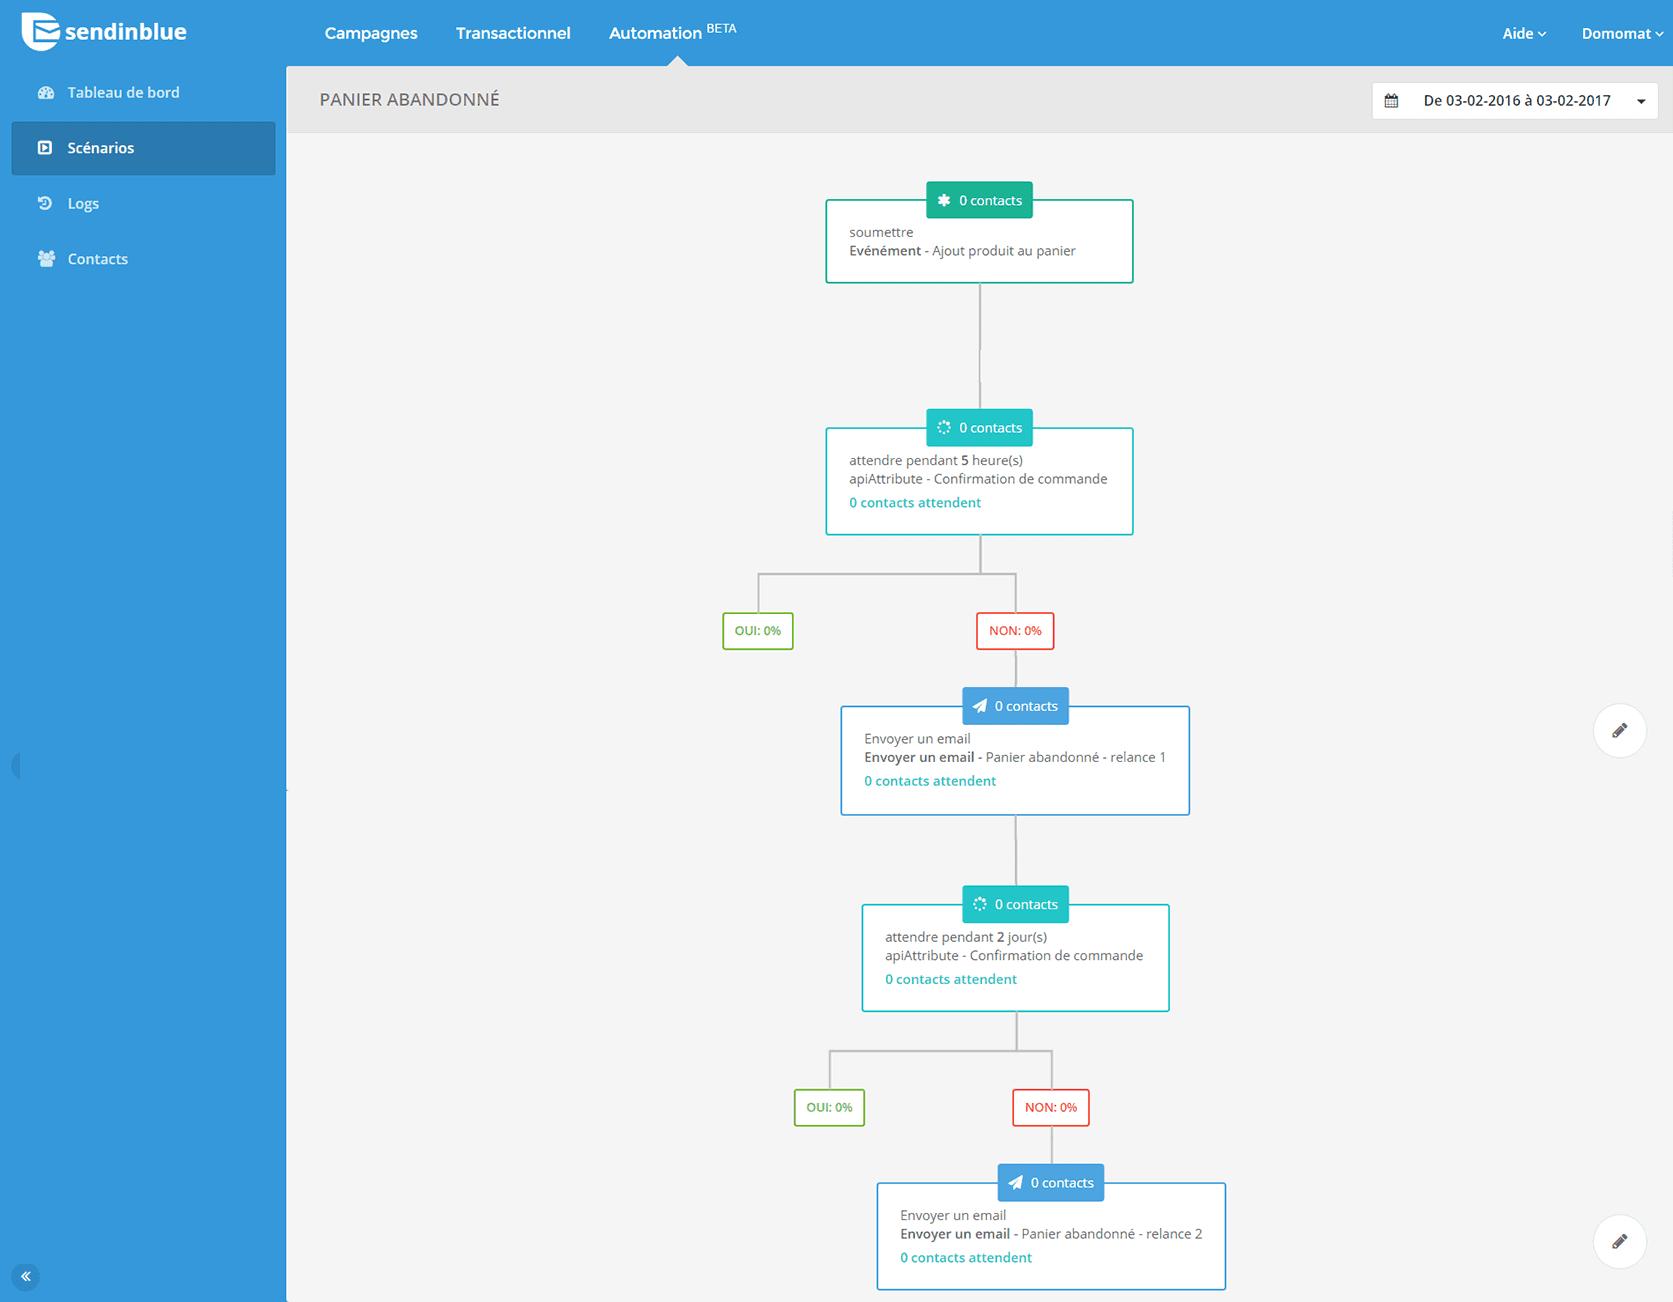 Exemple de scénario de Marketing automation : Donomat